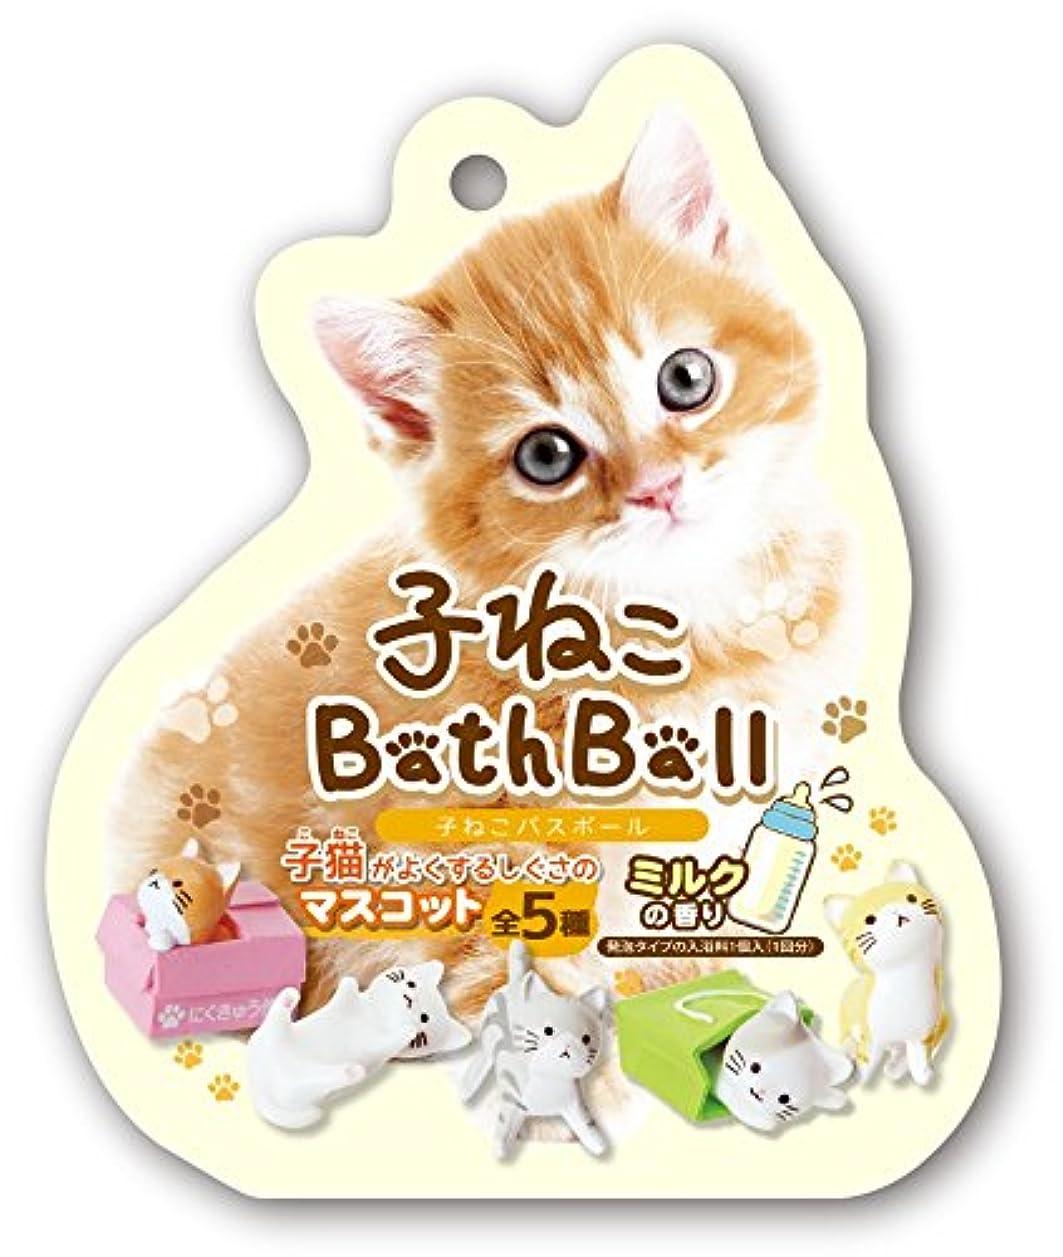 白内障解明カウンターパートノルコーポレーション 入浴剤 こねこ バスボール ミルクの香り 50g OB-NEB-2-1